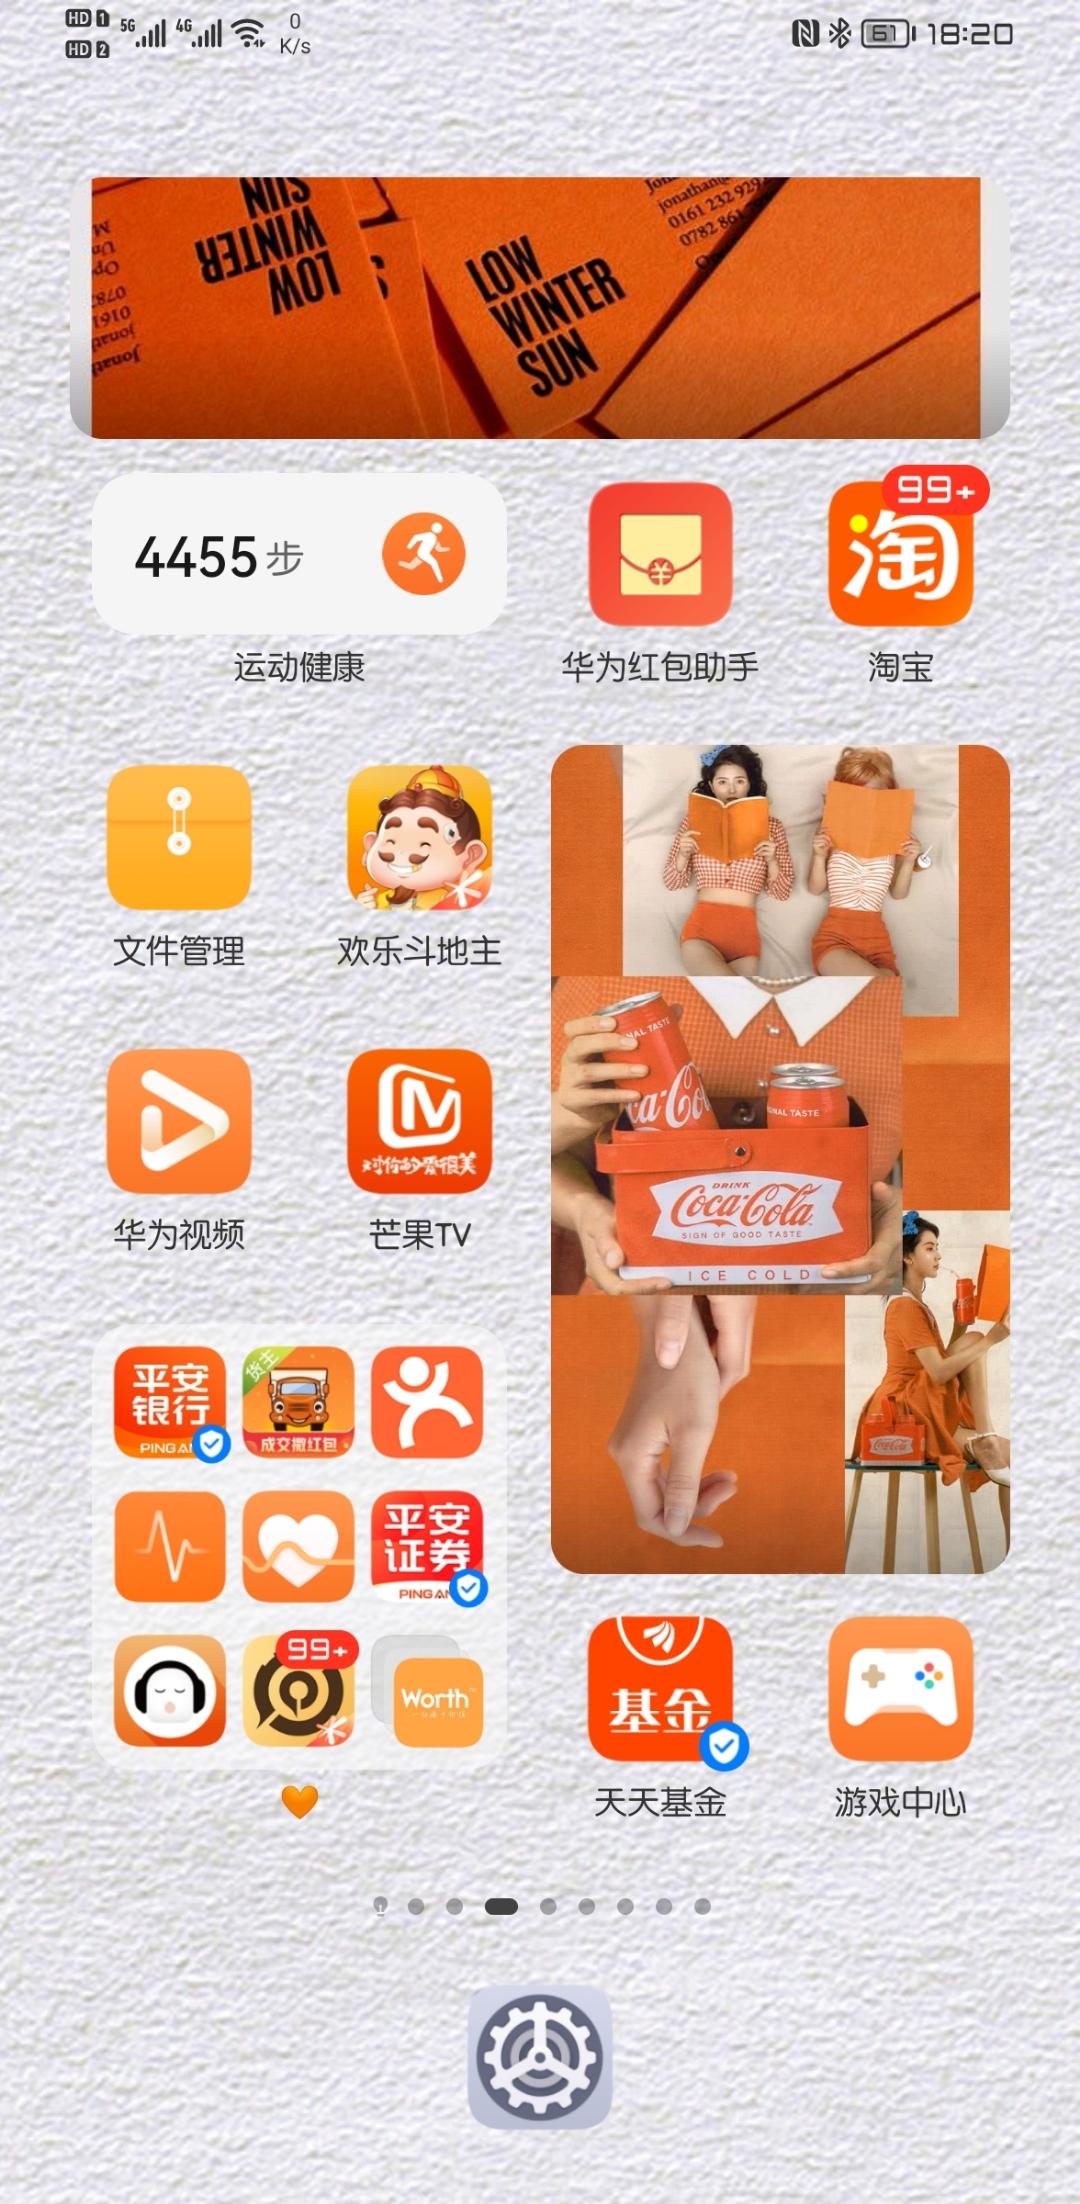 Screenshot_20210805_182031_com.huawei.android.launcher.jpg